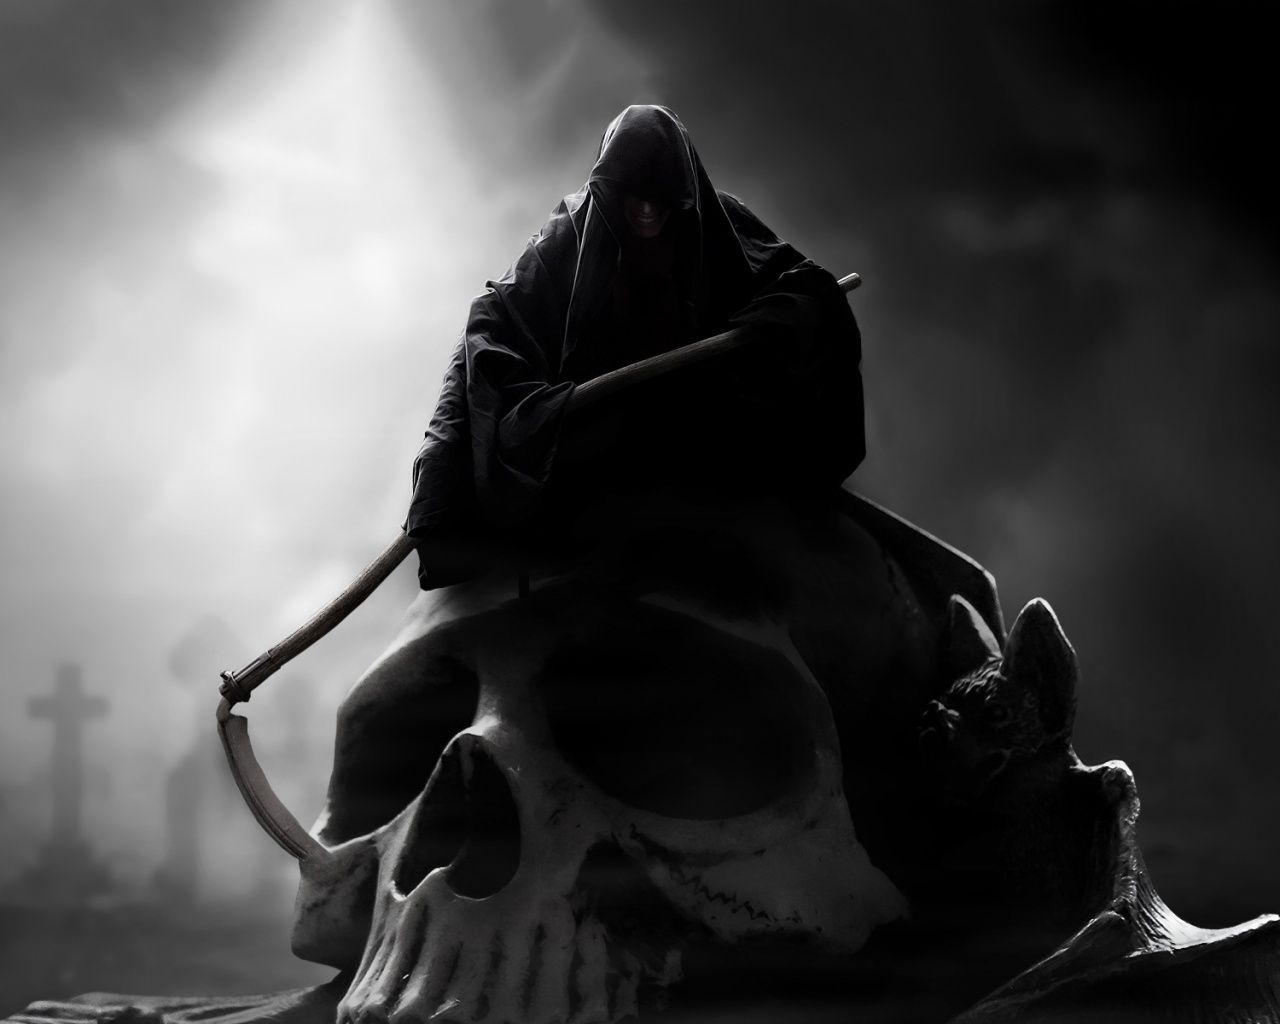 Reaper skull Grim reaper images, Dark reaper, Grim reaper